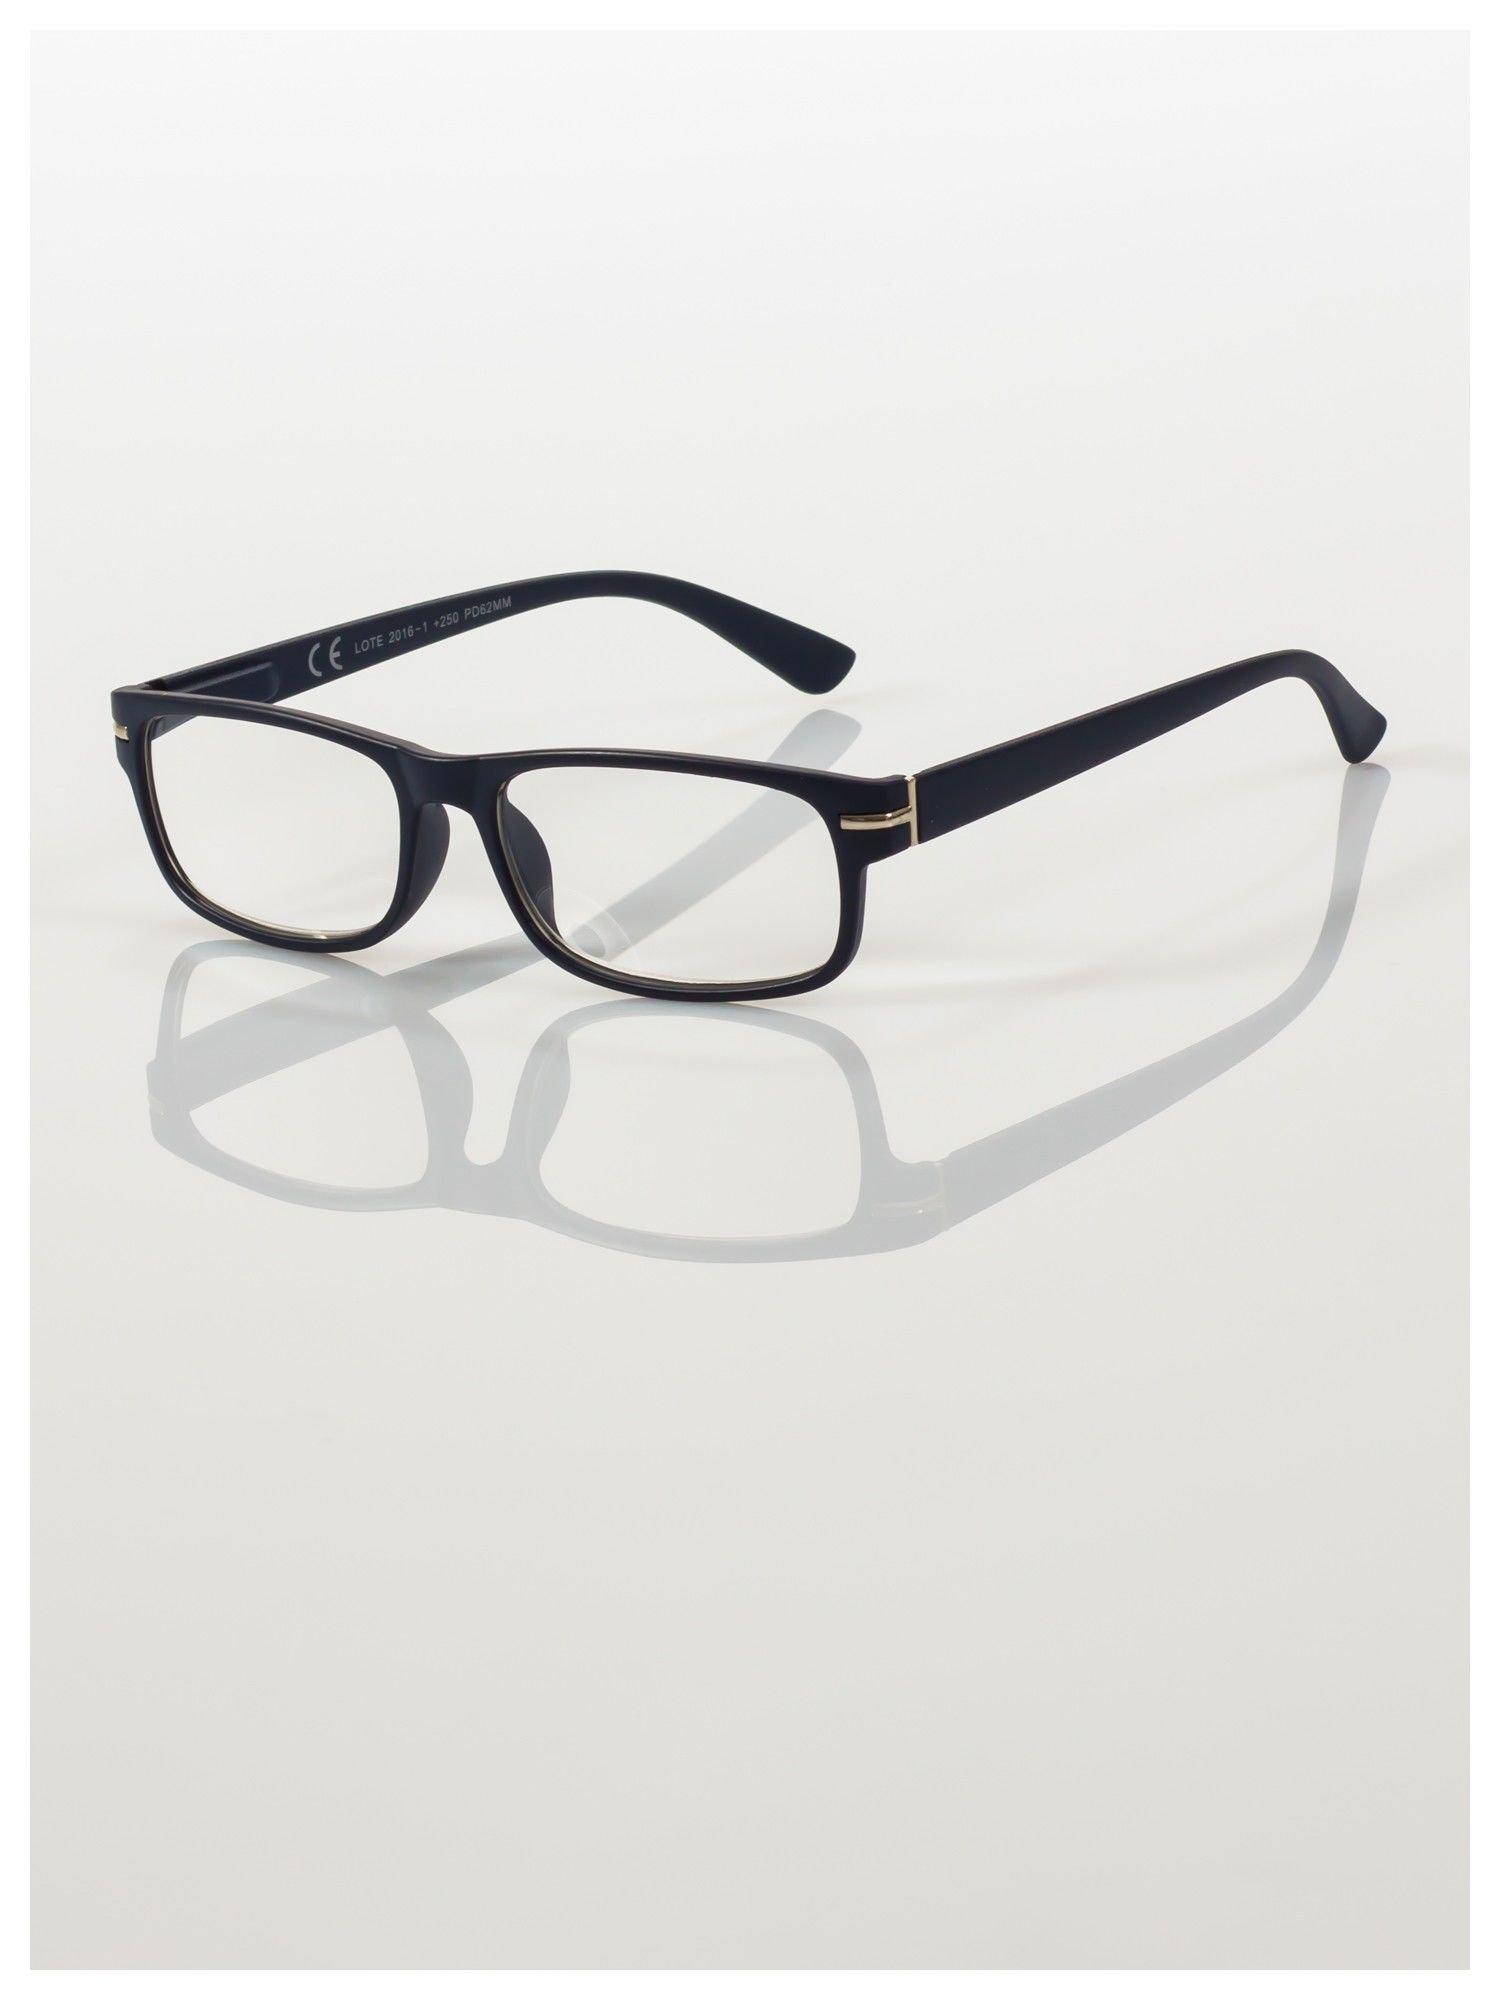 Eleganckie czarne matowe korekcyjne okulary do czytania +1.5 D  z sytemem FLEX na zausznikach                                  zdj.                                  1